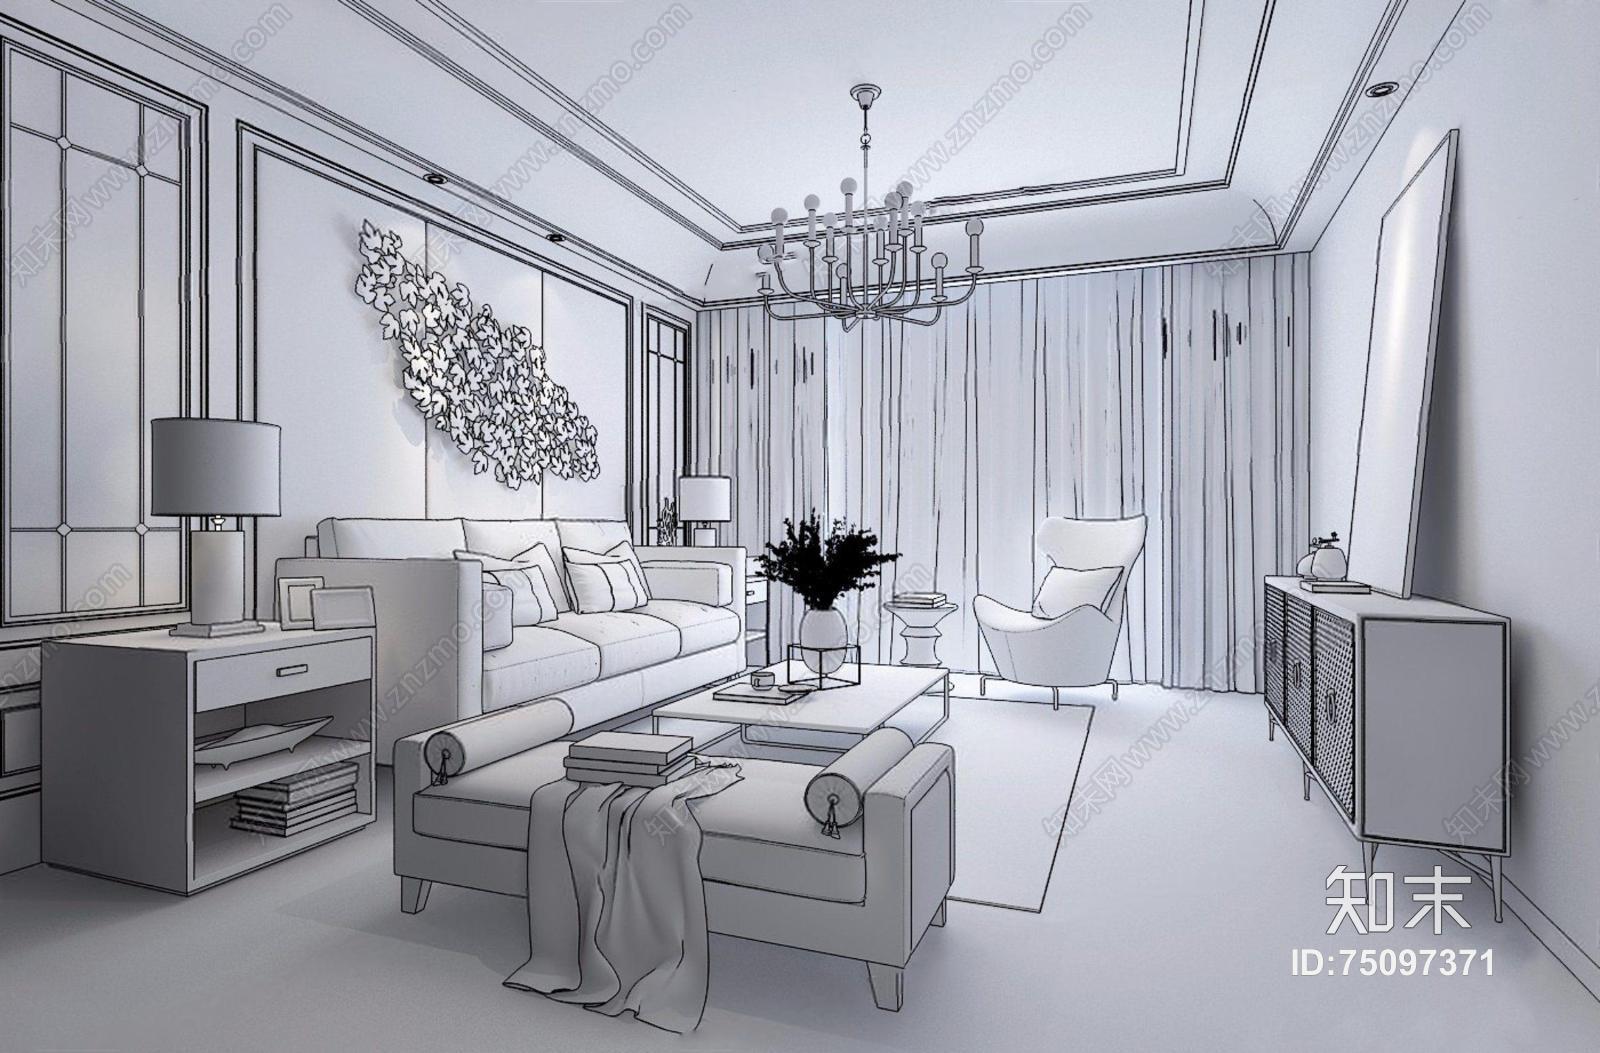 现代客厅 现代客厅 现代沙发 茶几 边几 电视柜 吊灯 墙饰